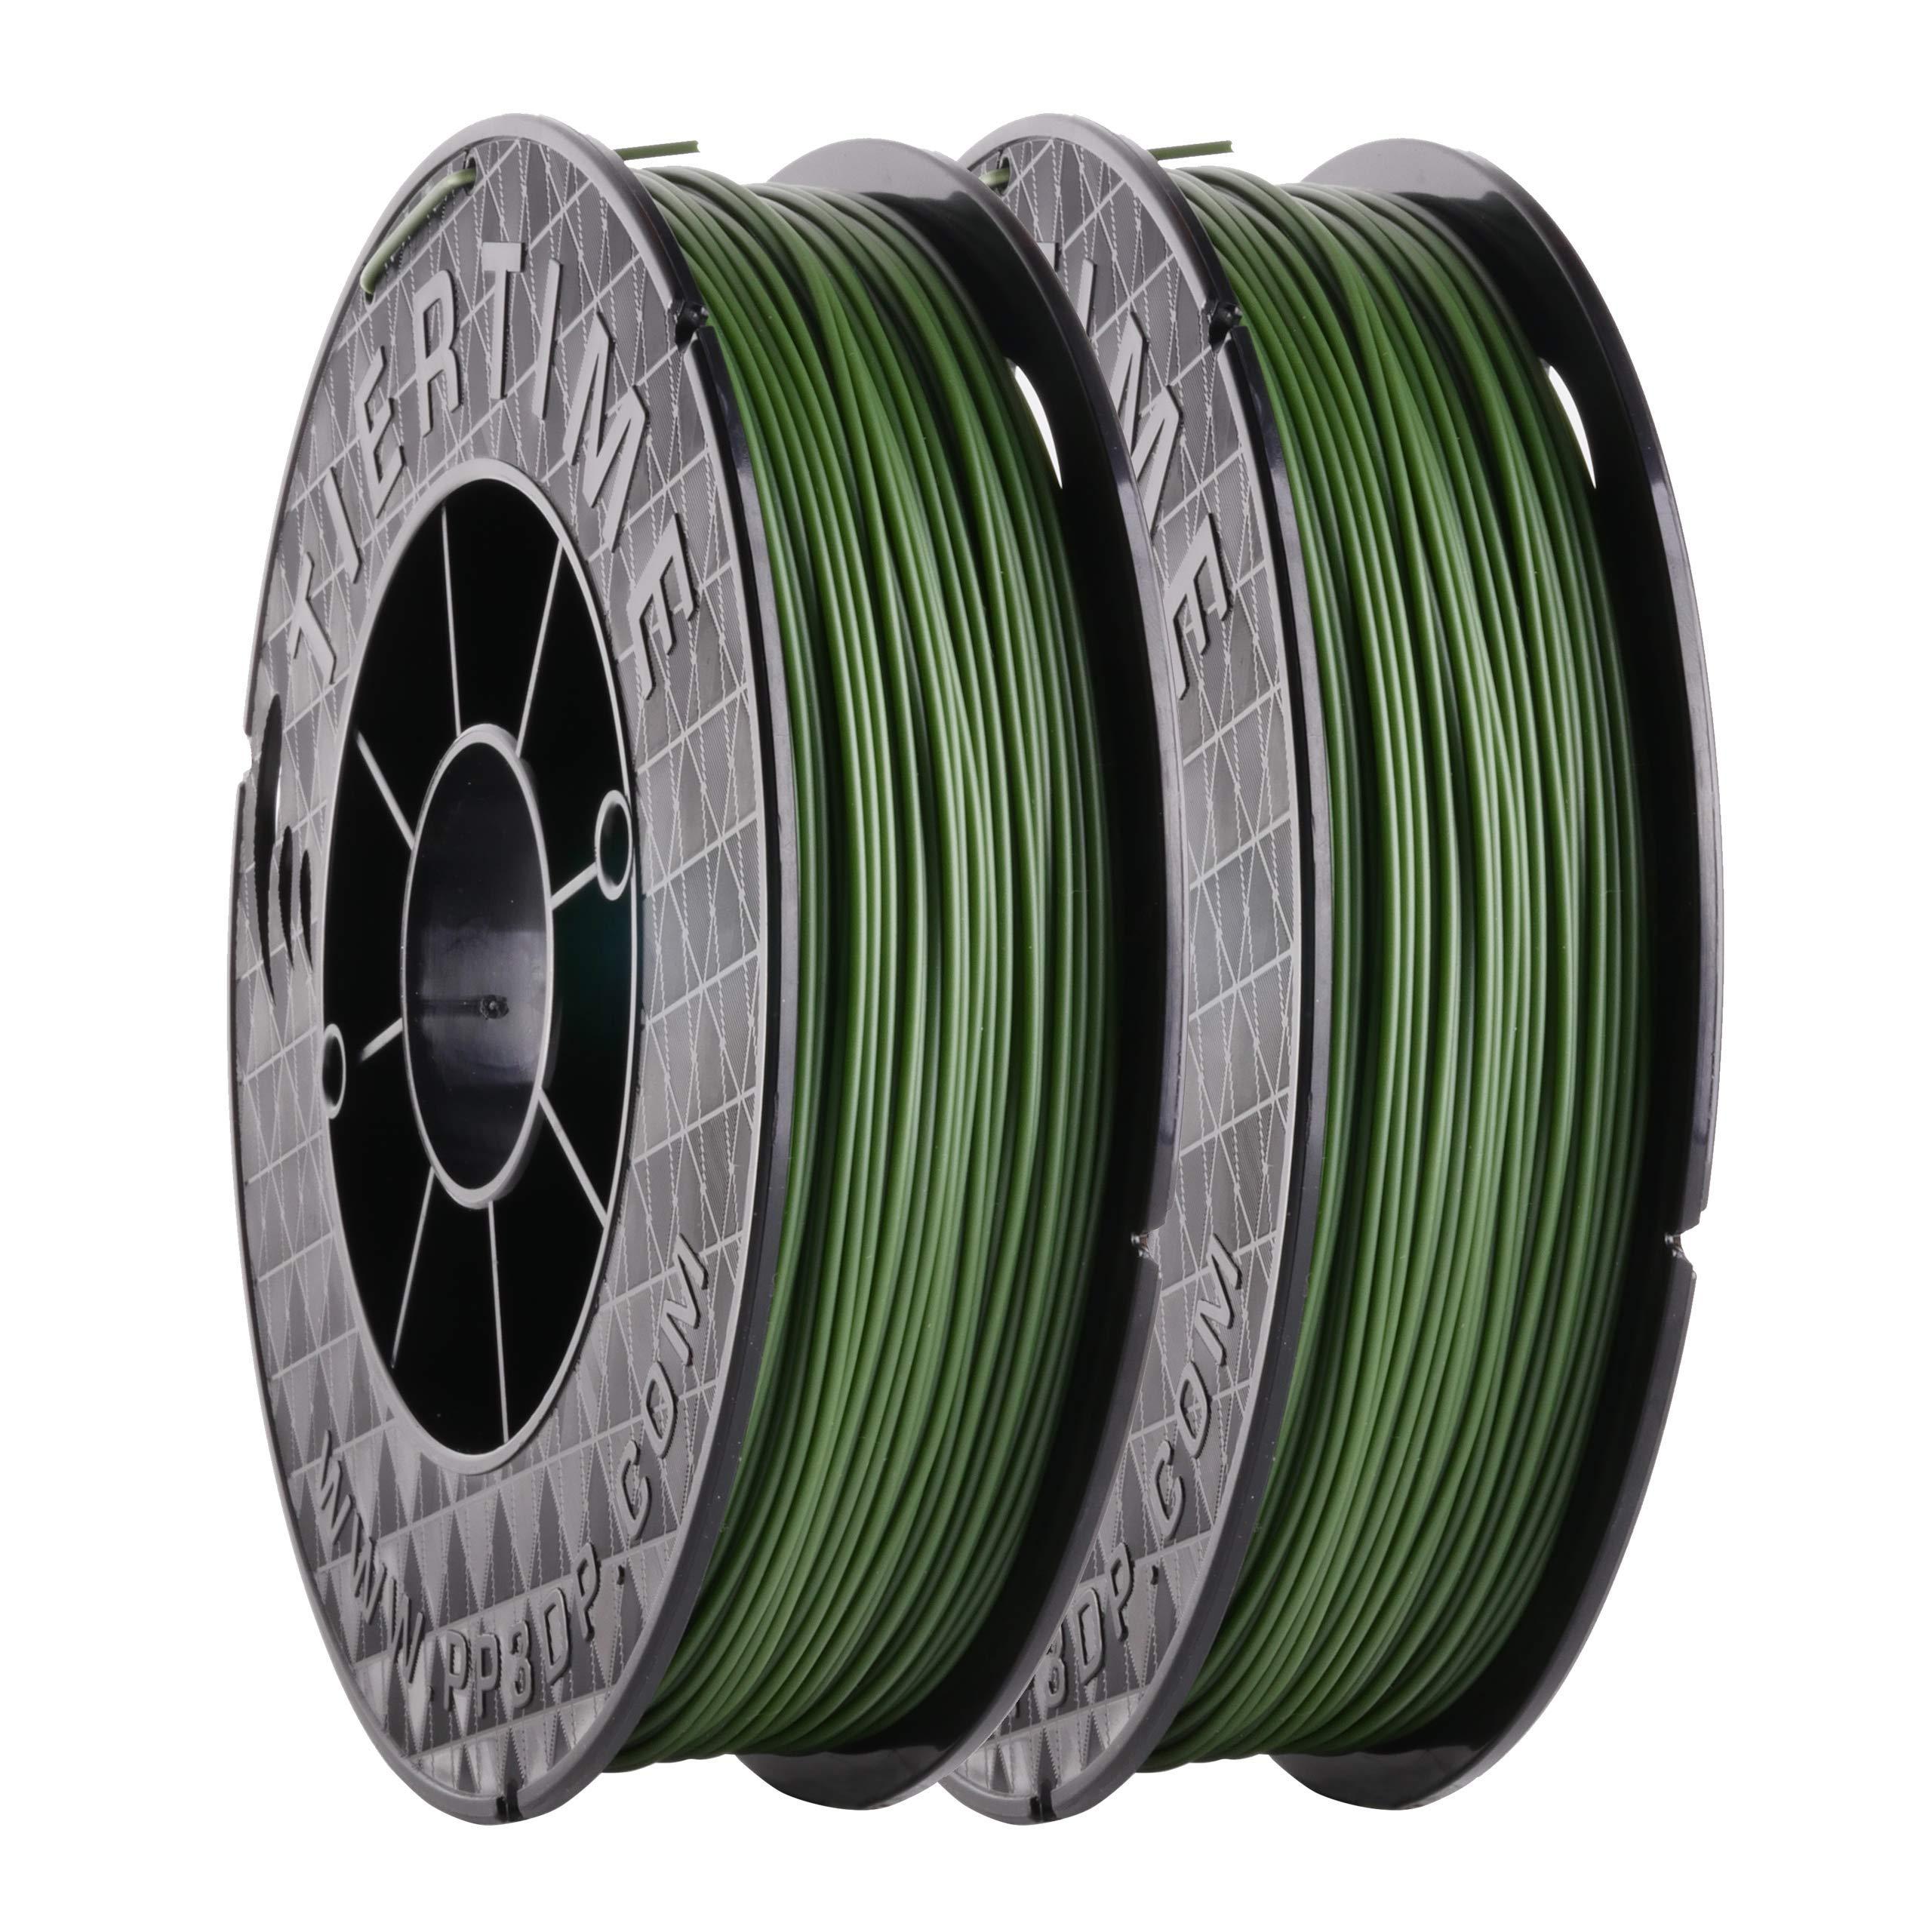 Filamento ABS 1.75mm 1kg COLOR FOTO-1 IMP 3D [7DJWJRP5]